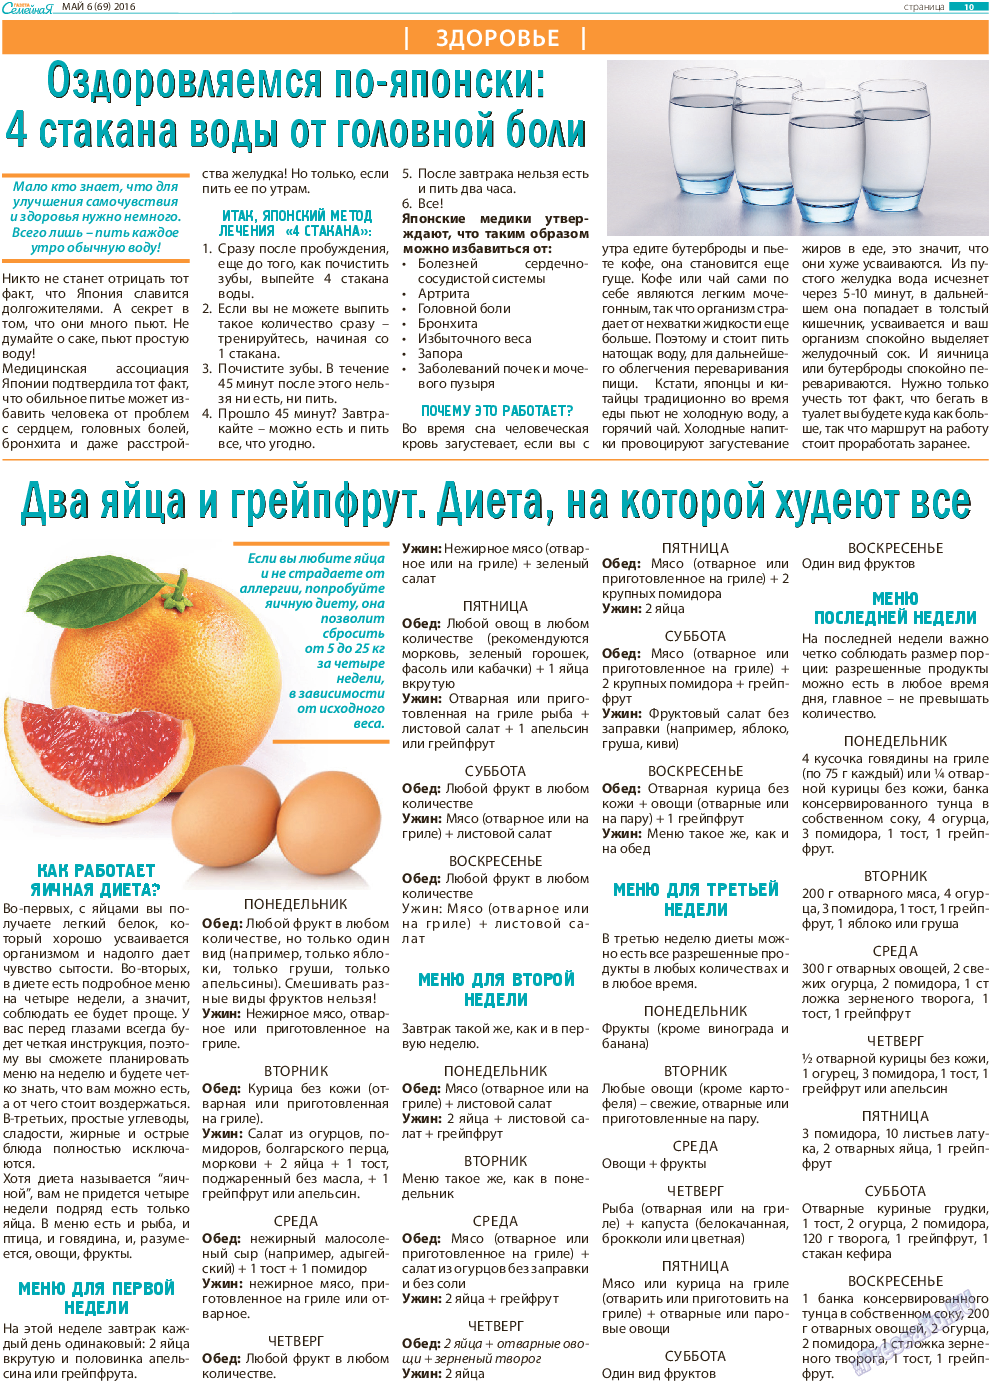 Белковая Диета Для Похудения С Яйцом. Разные варианты яичных диет с подробными меню и рецептами: худеем с помощью белков